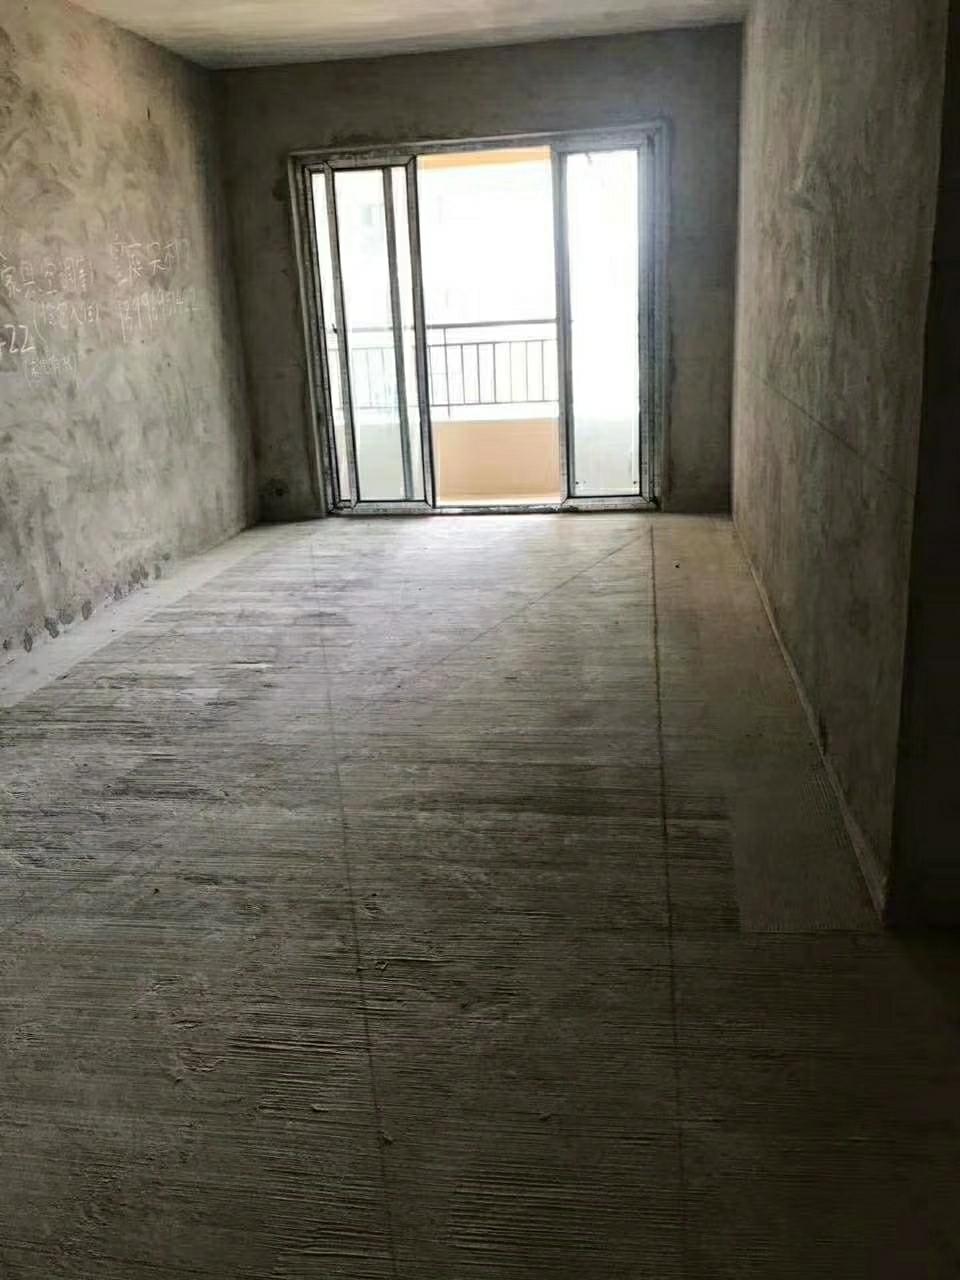 紀委宿舍48.8萬元